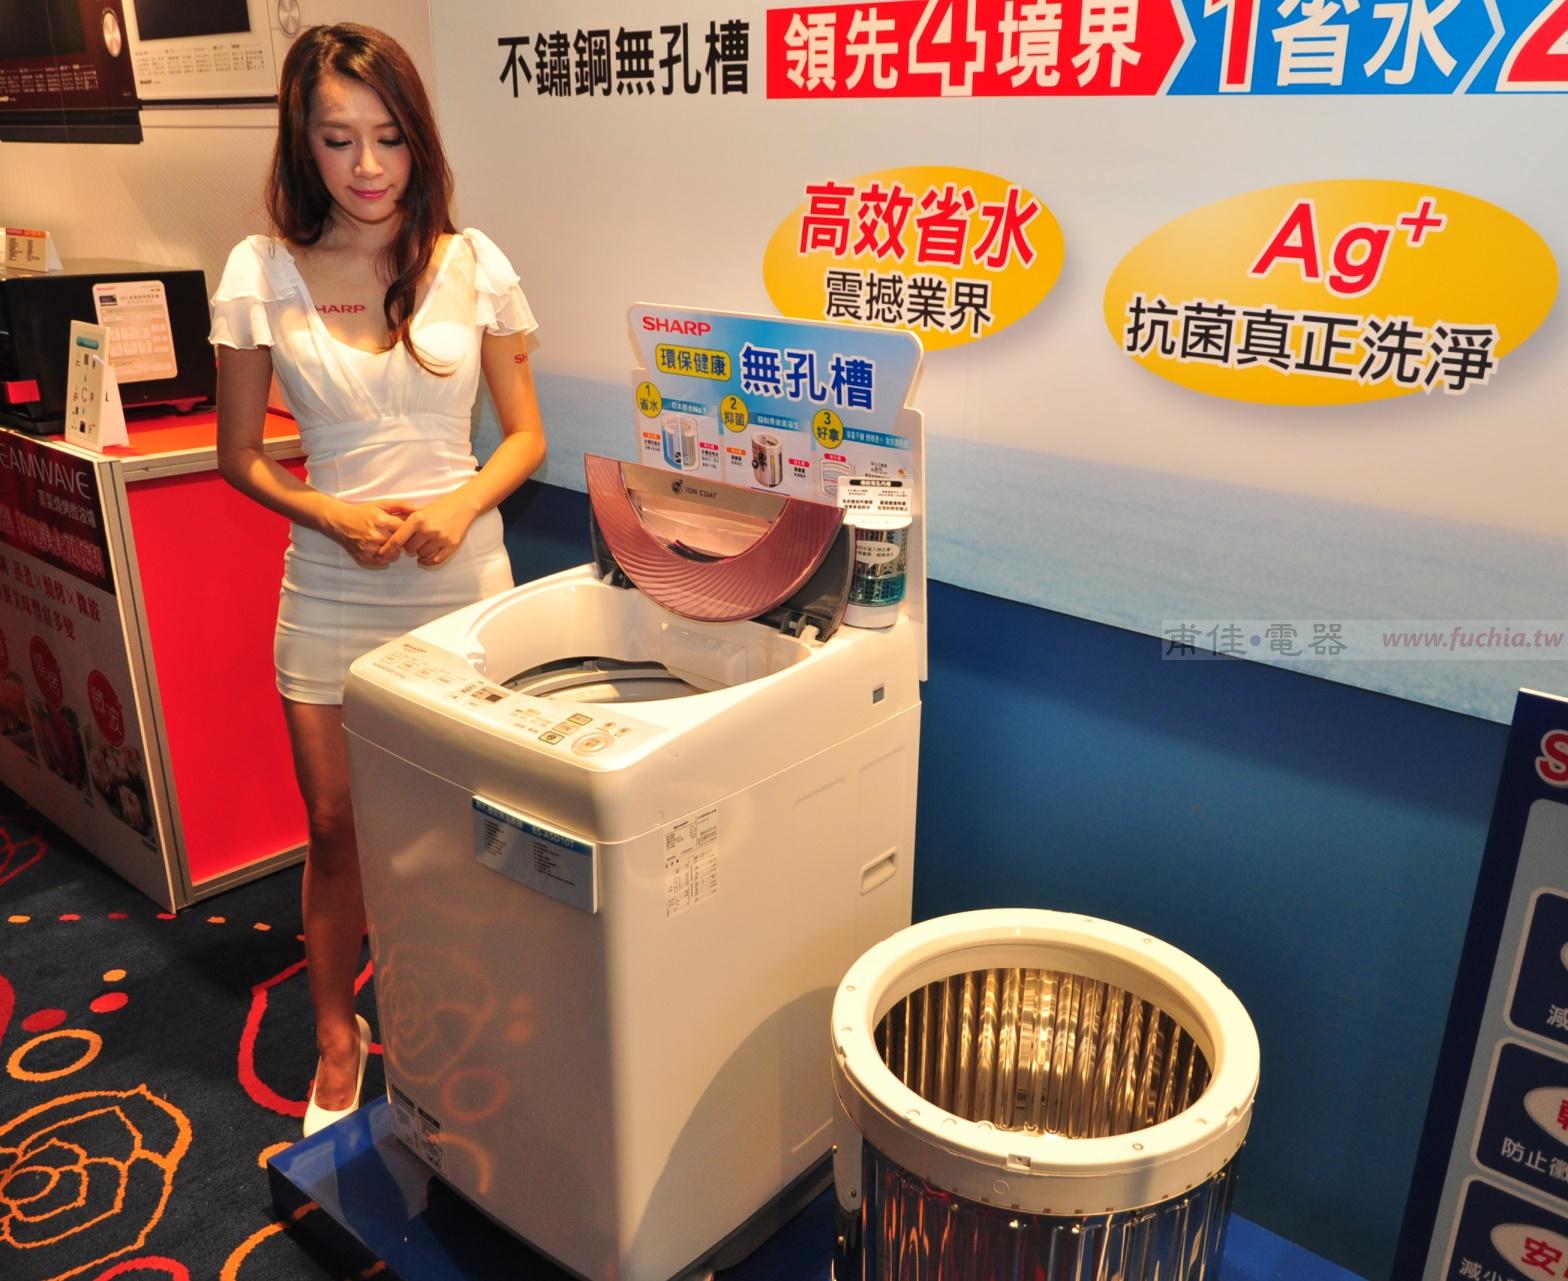 SHARP 無孔槽洗衣機